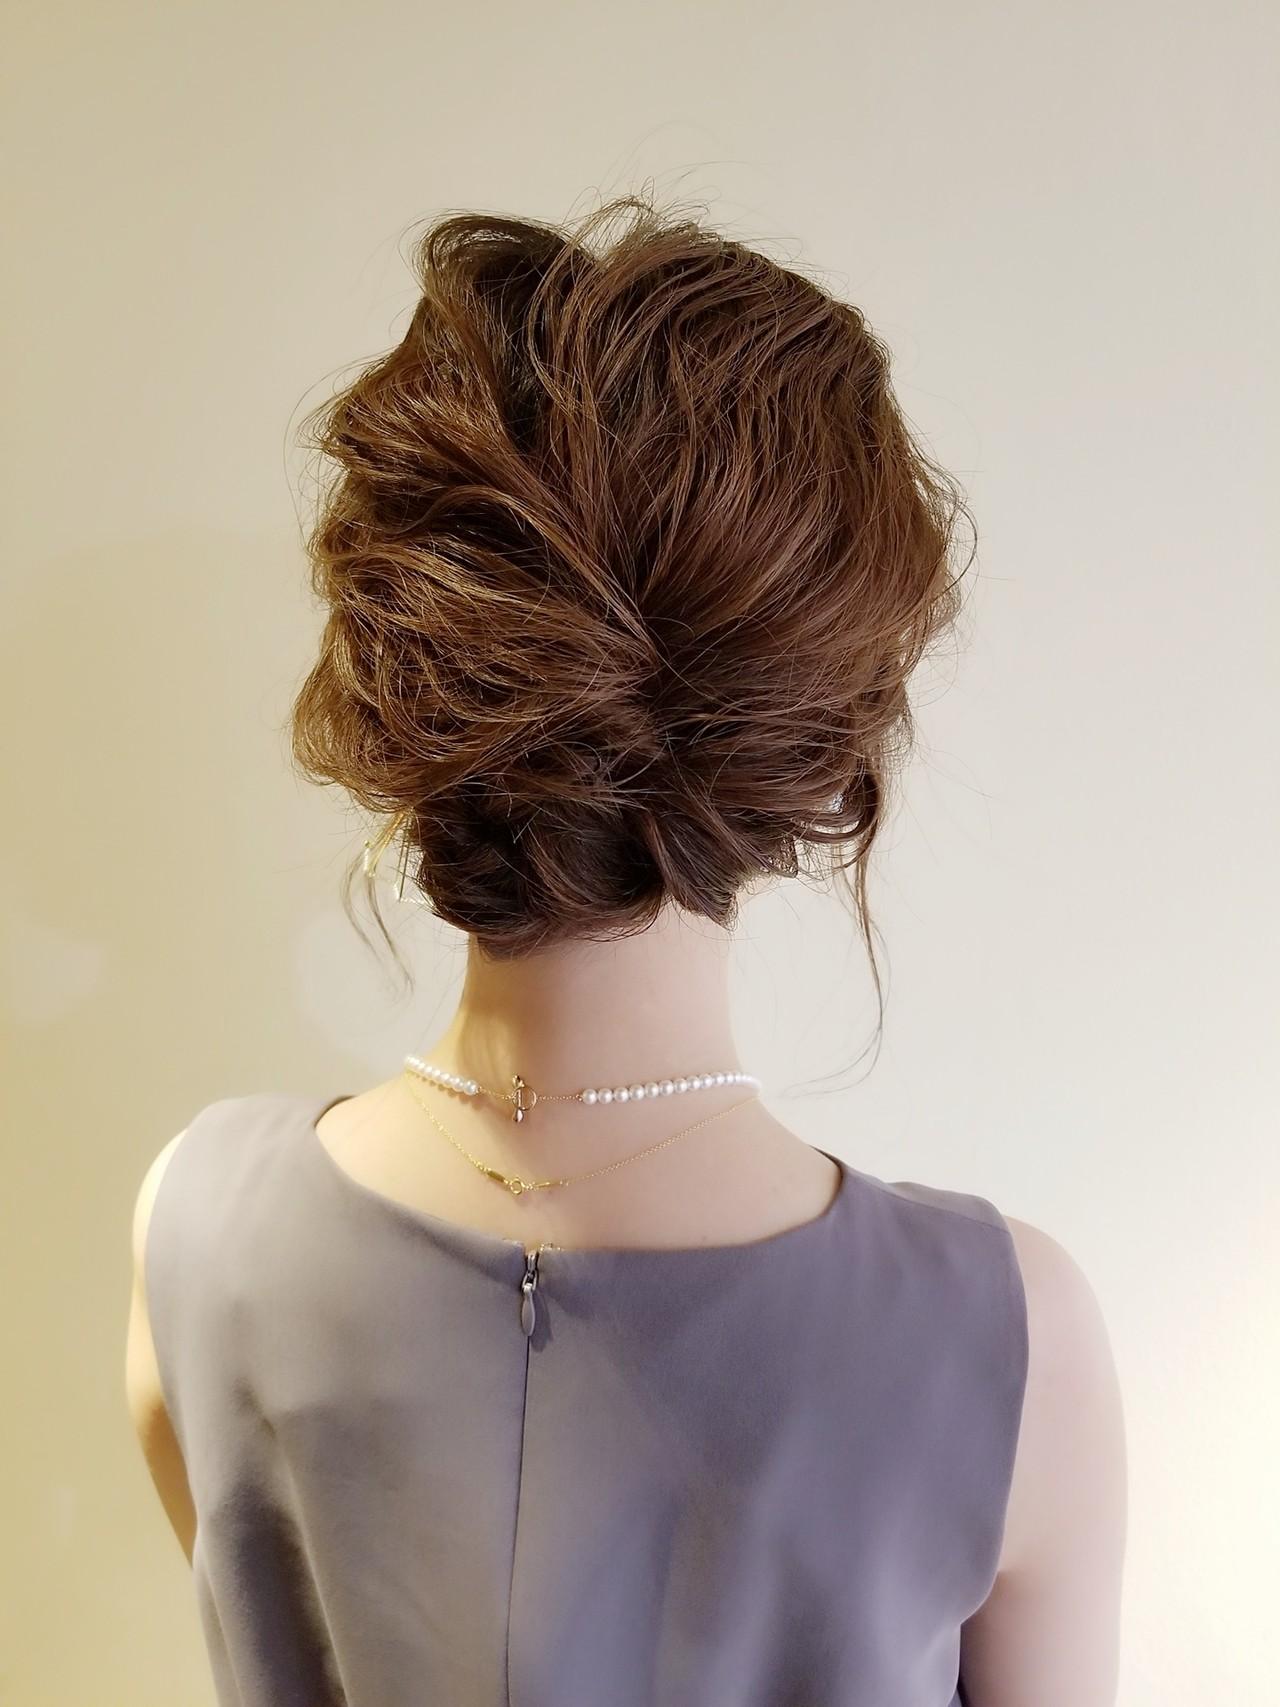 ナチュラル 簡単ヘアアレンジ ヘアアレンジ セミロング ヘアスタイルや髪型の写真・画像 | Naoko Miura / avant